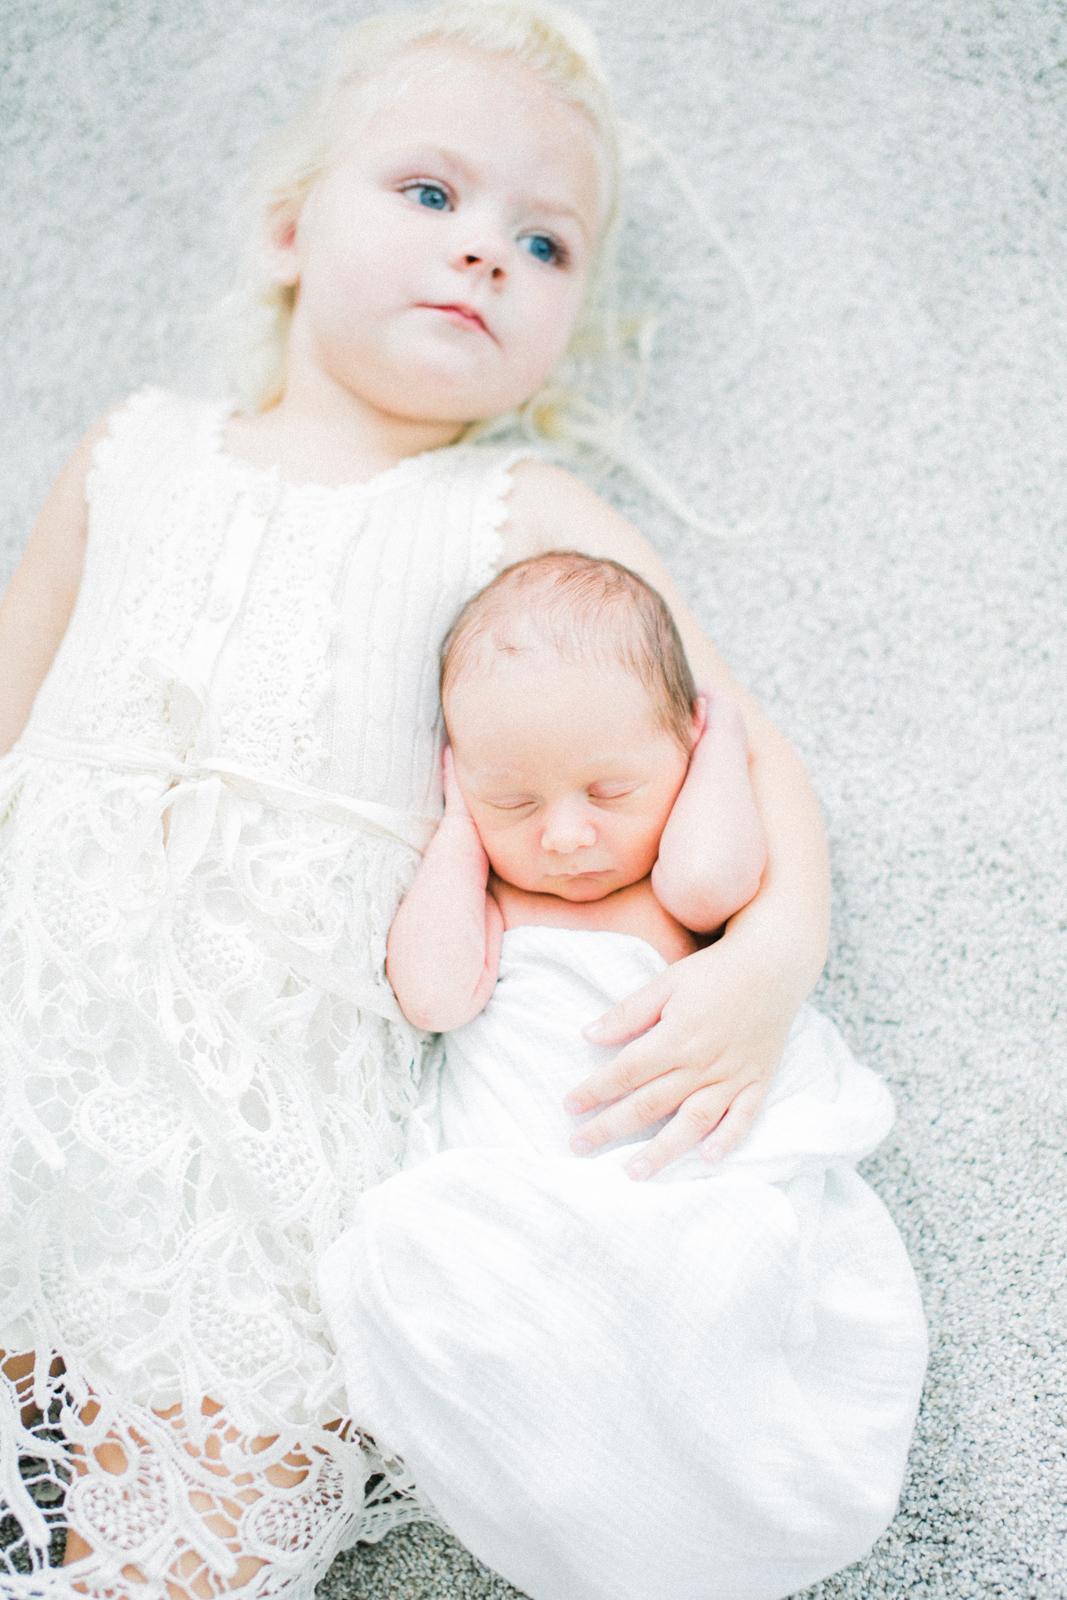 boise-newborn-photographer-21.jpg